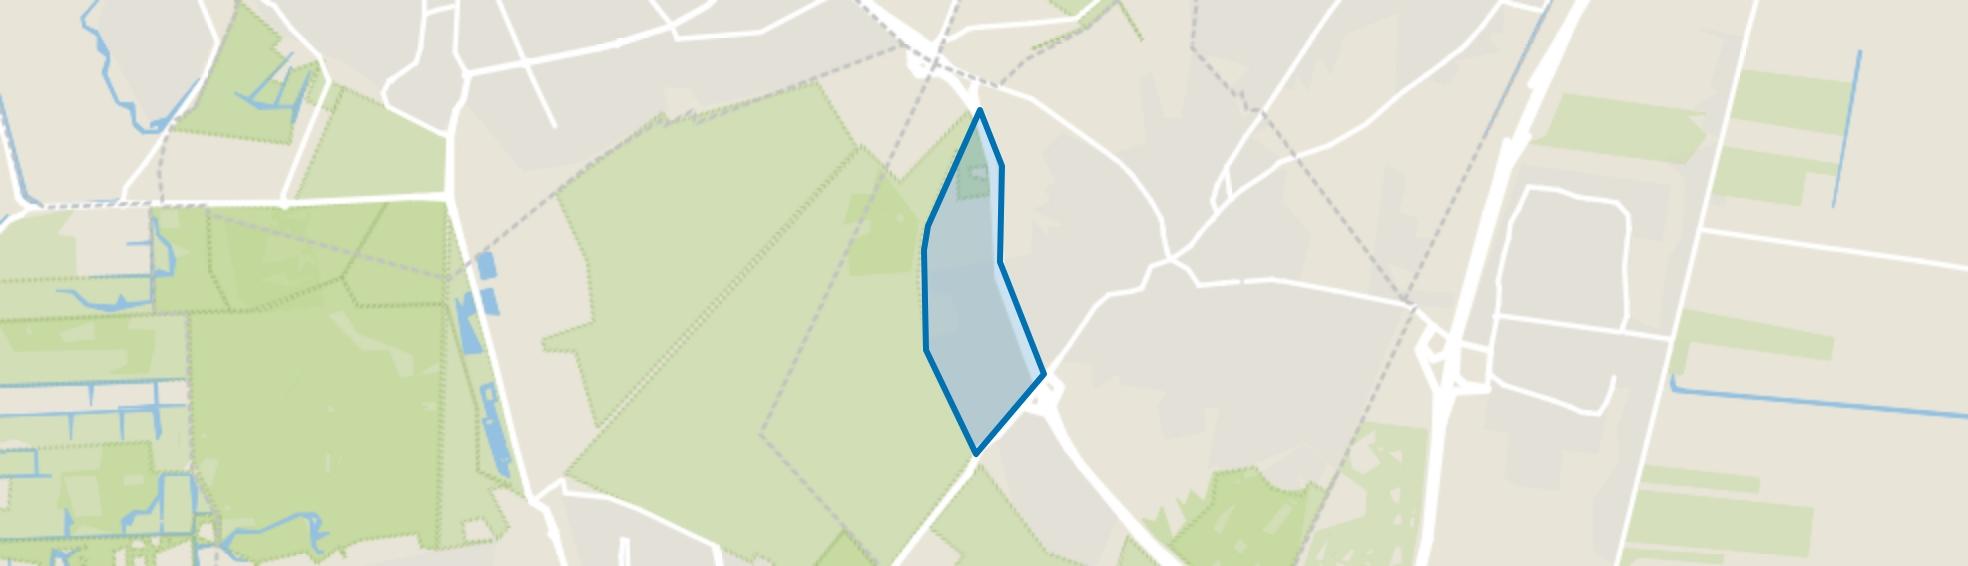 Rijksweg-Noord, Laren (NH) map